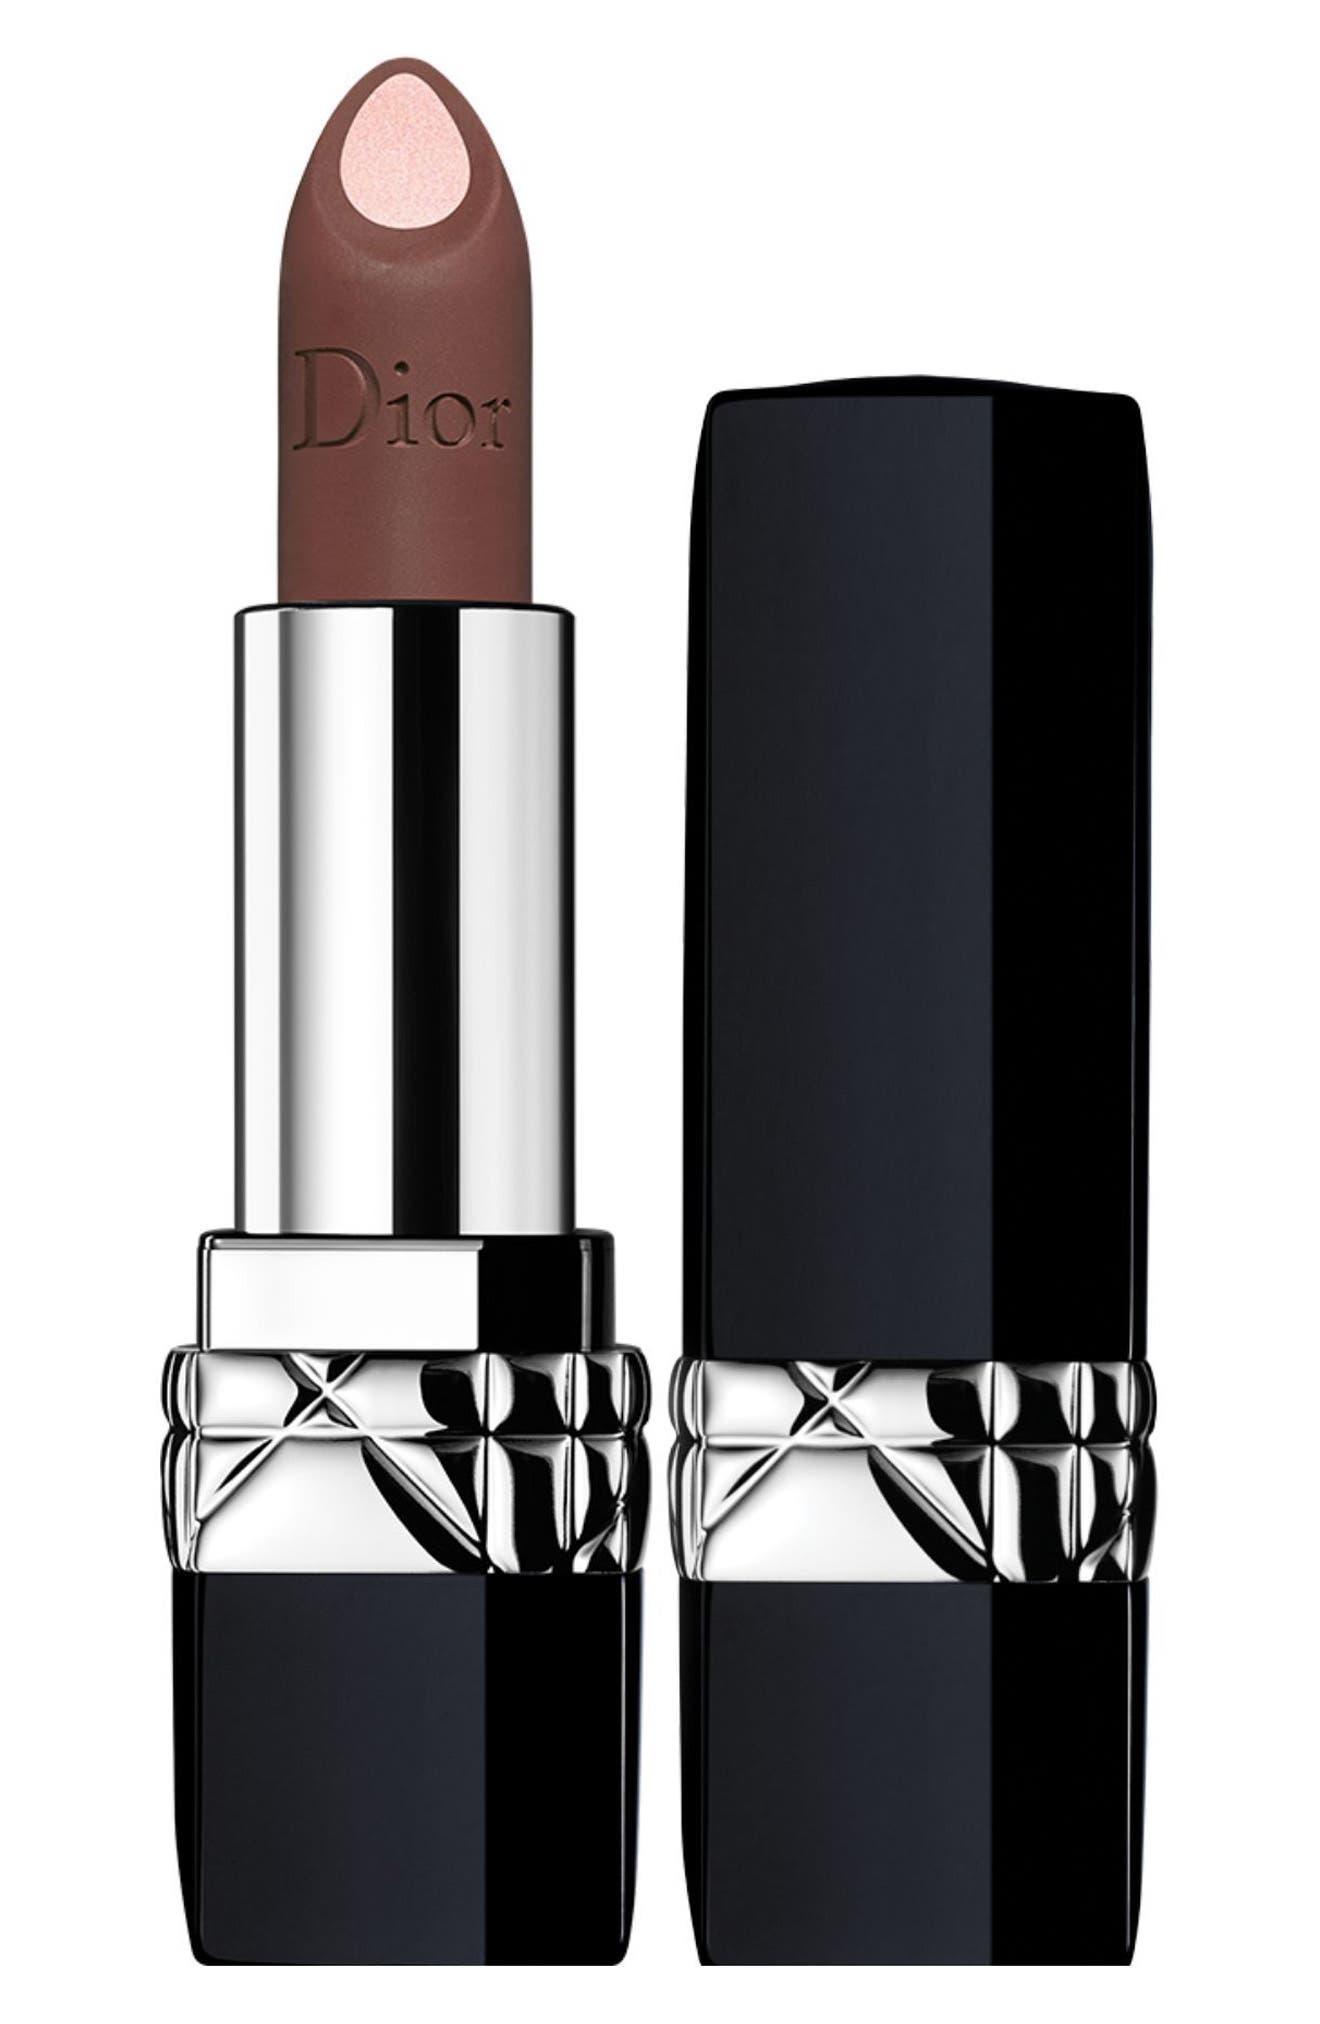 Rouge Dior Double Rouge Matte Metal Colour & Couture Contour Lipstick,                         Main,                         color, 510 JUNGLE BEIGE